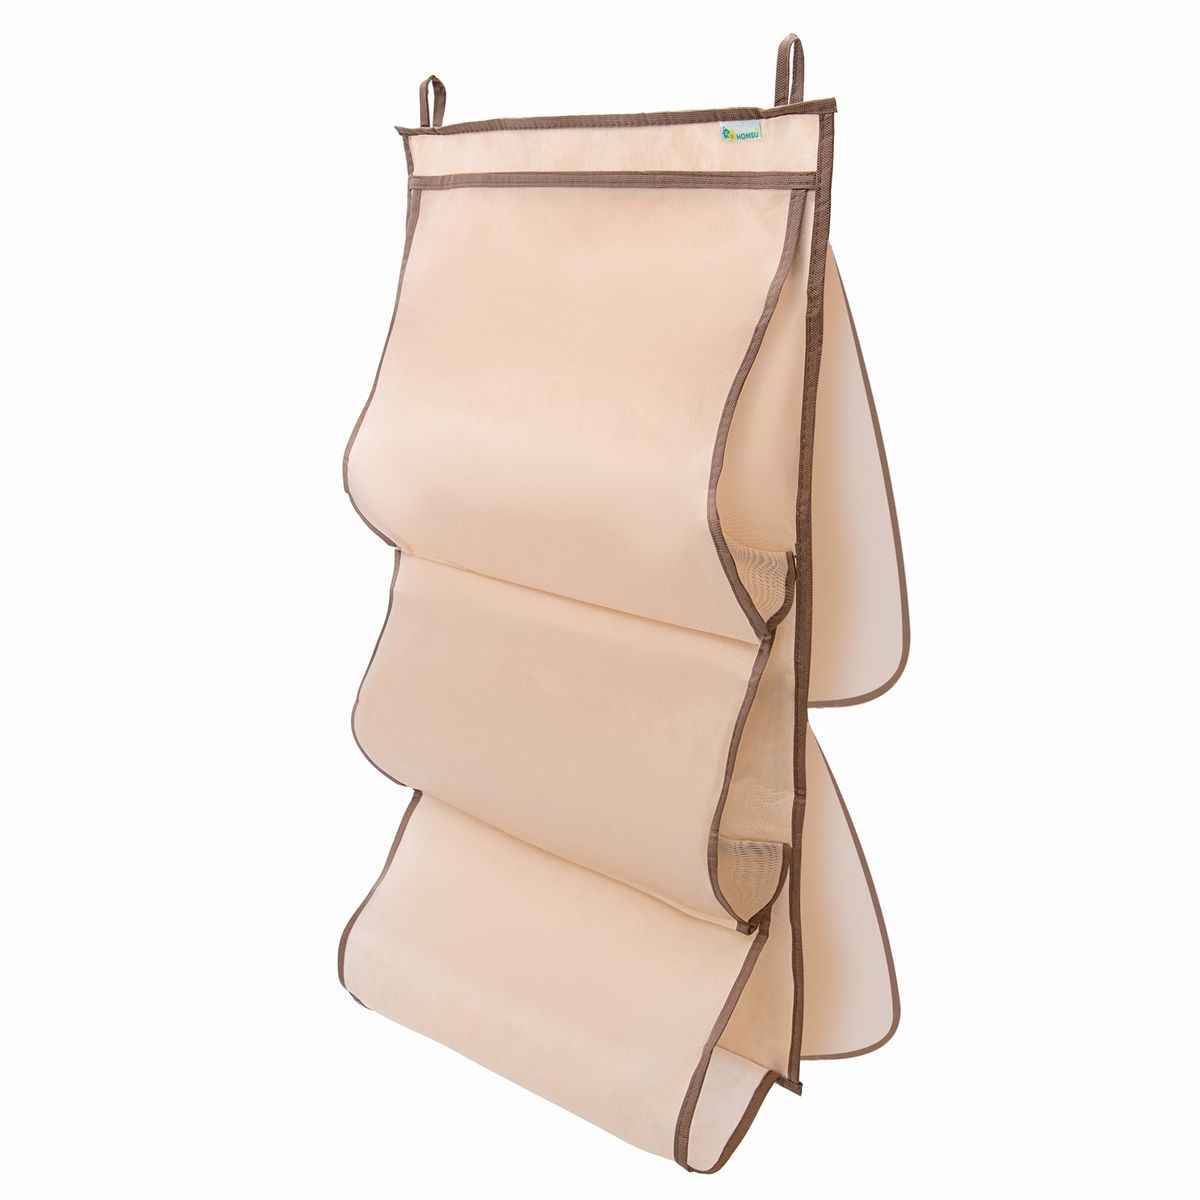 Органайзер для сумок в шкаф Homsu, 40 x 70 см98299571Органайзер для хранения сумок имеет 5 отделений под сумки разного размера. Защищает сумки от пыли и повреждений, органайзер можно установить на вешалку и повесить прямо в шкаф.